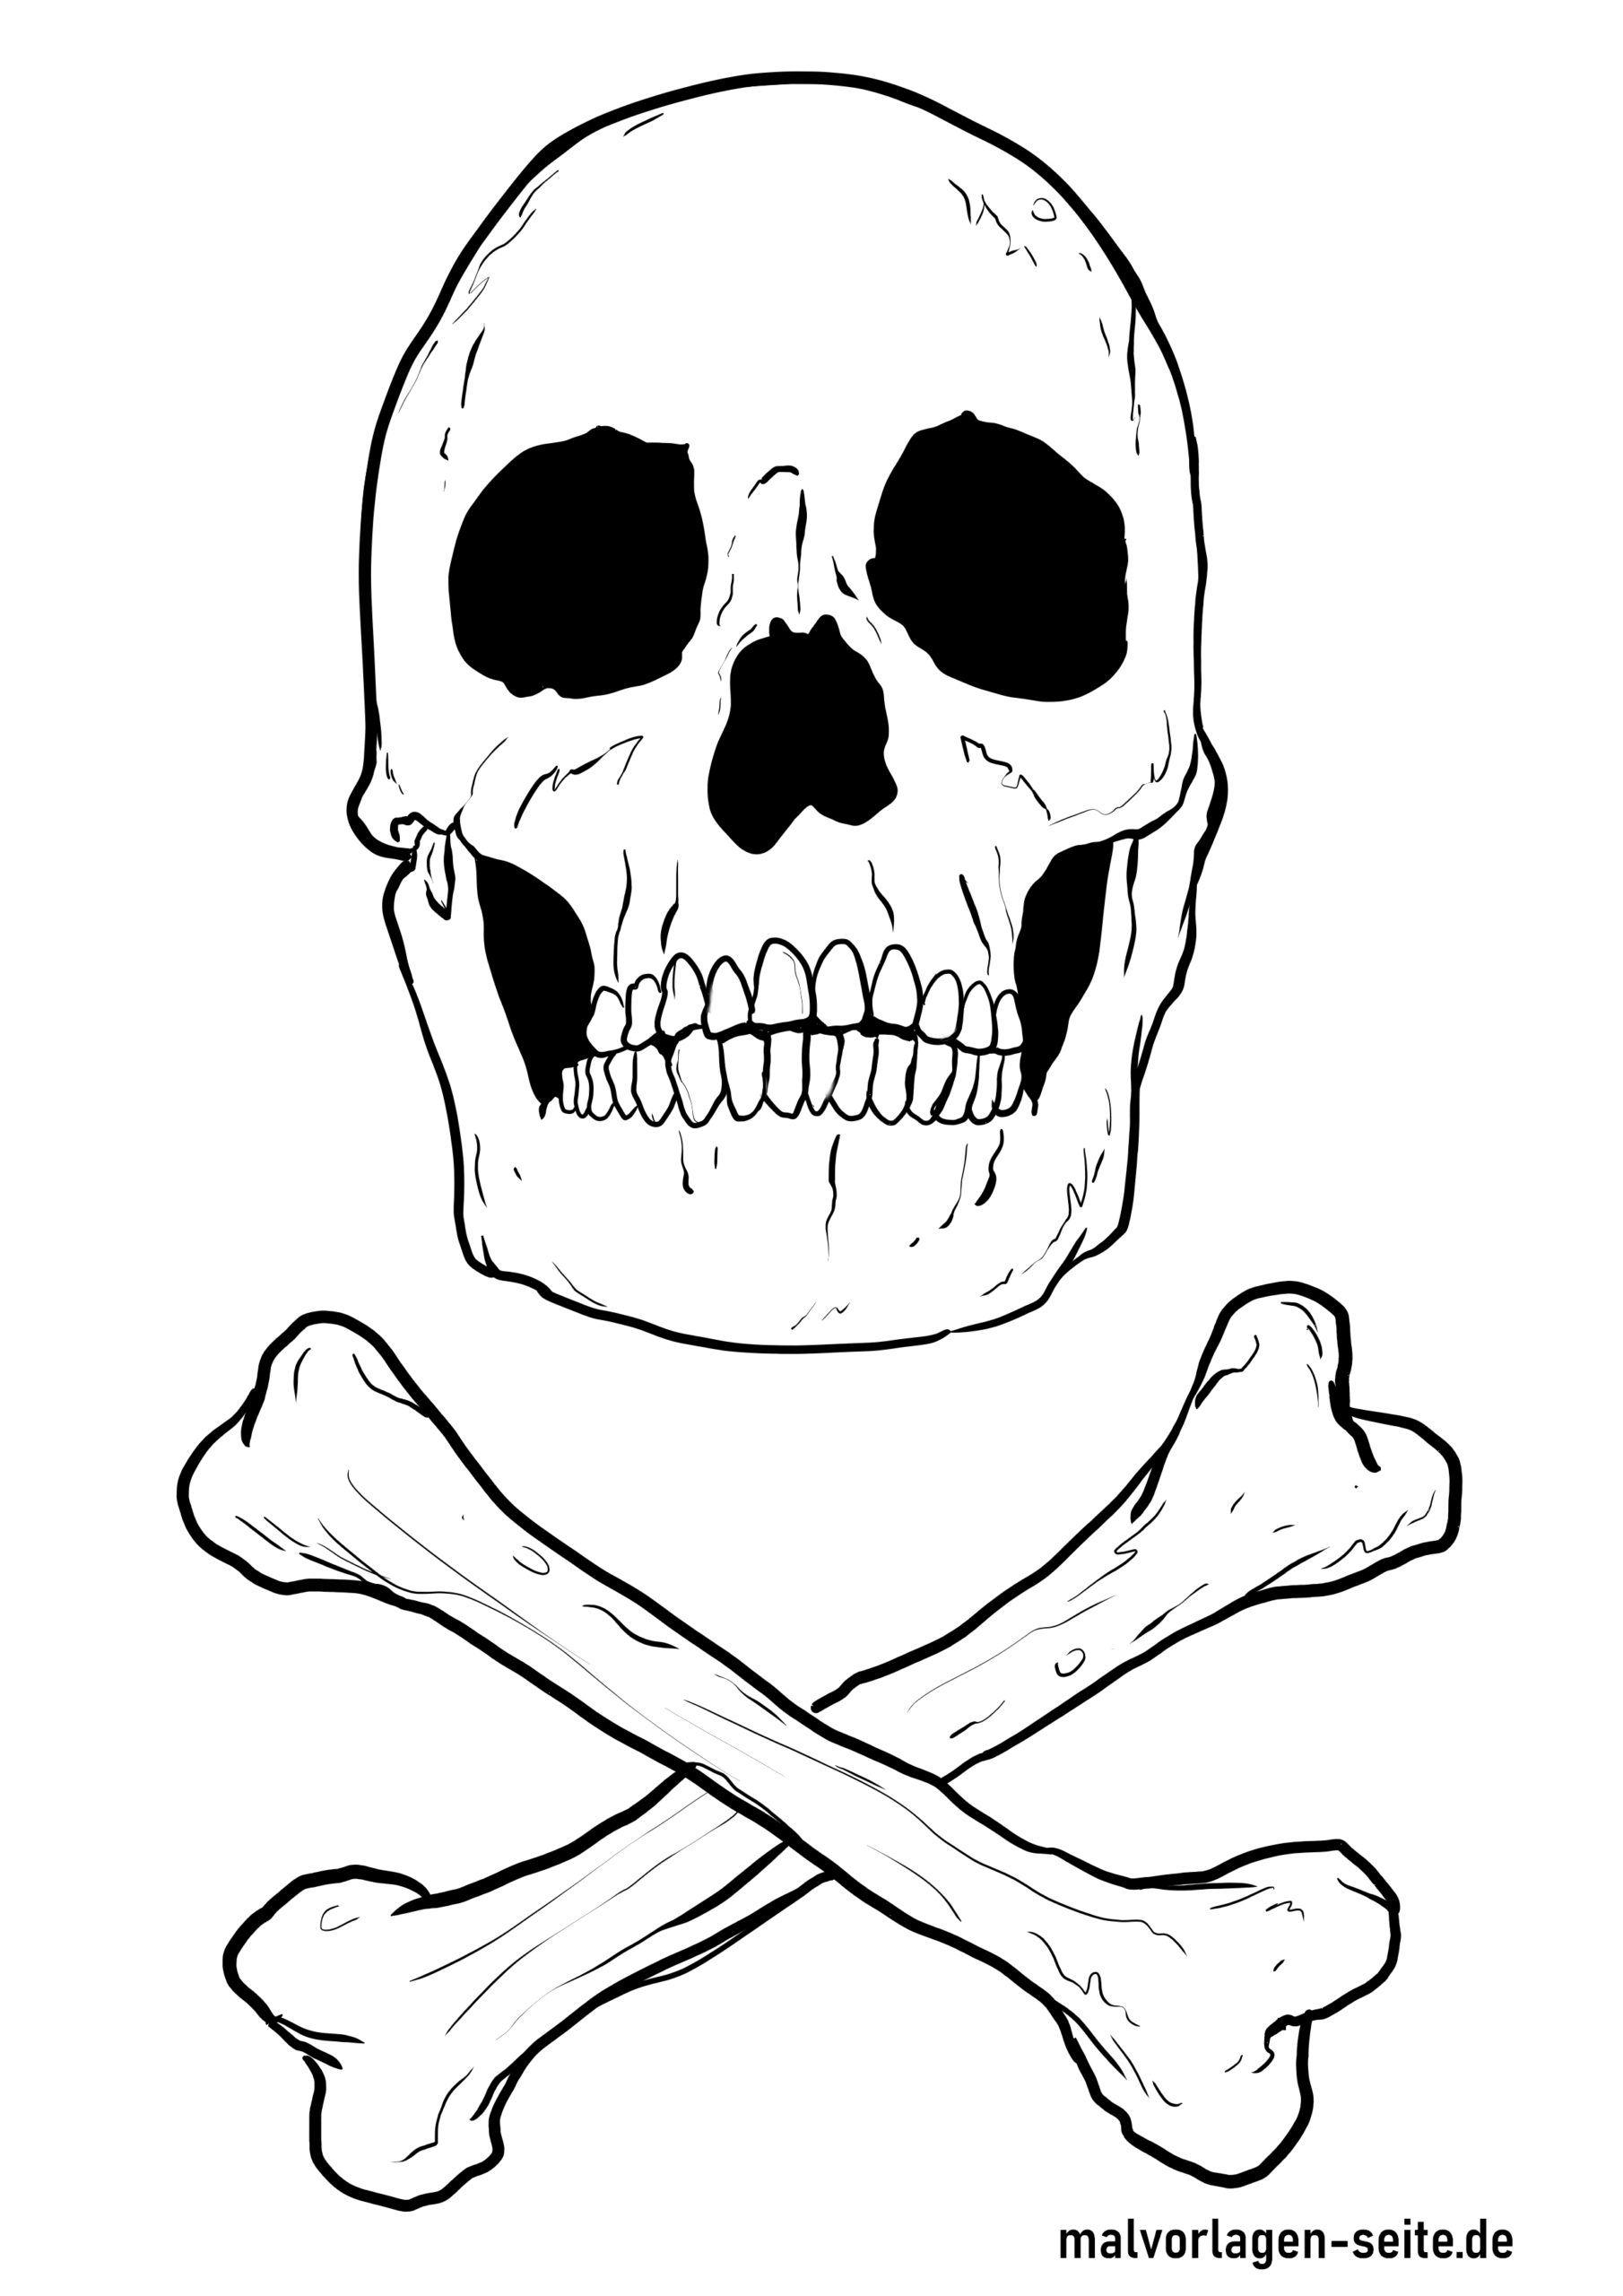 Malvorlage Totenkopf - Ausmalbilder Kostenlos Herunterladen ganzes Totenkopf Zum Ausmalen